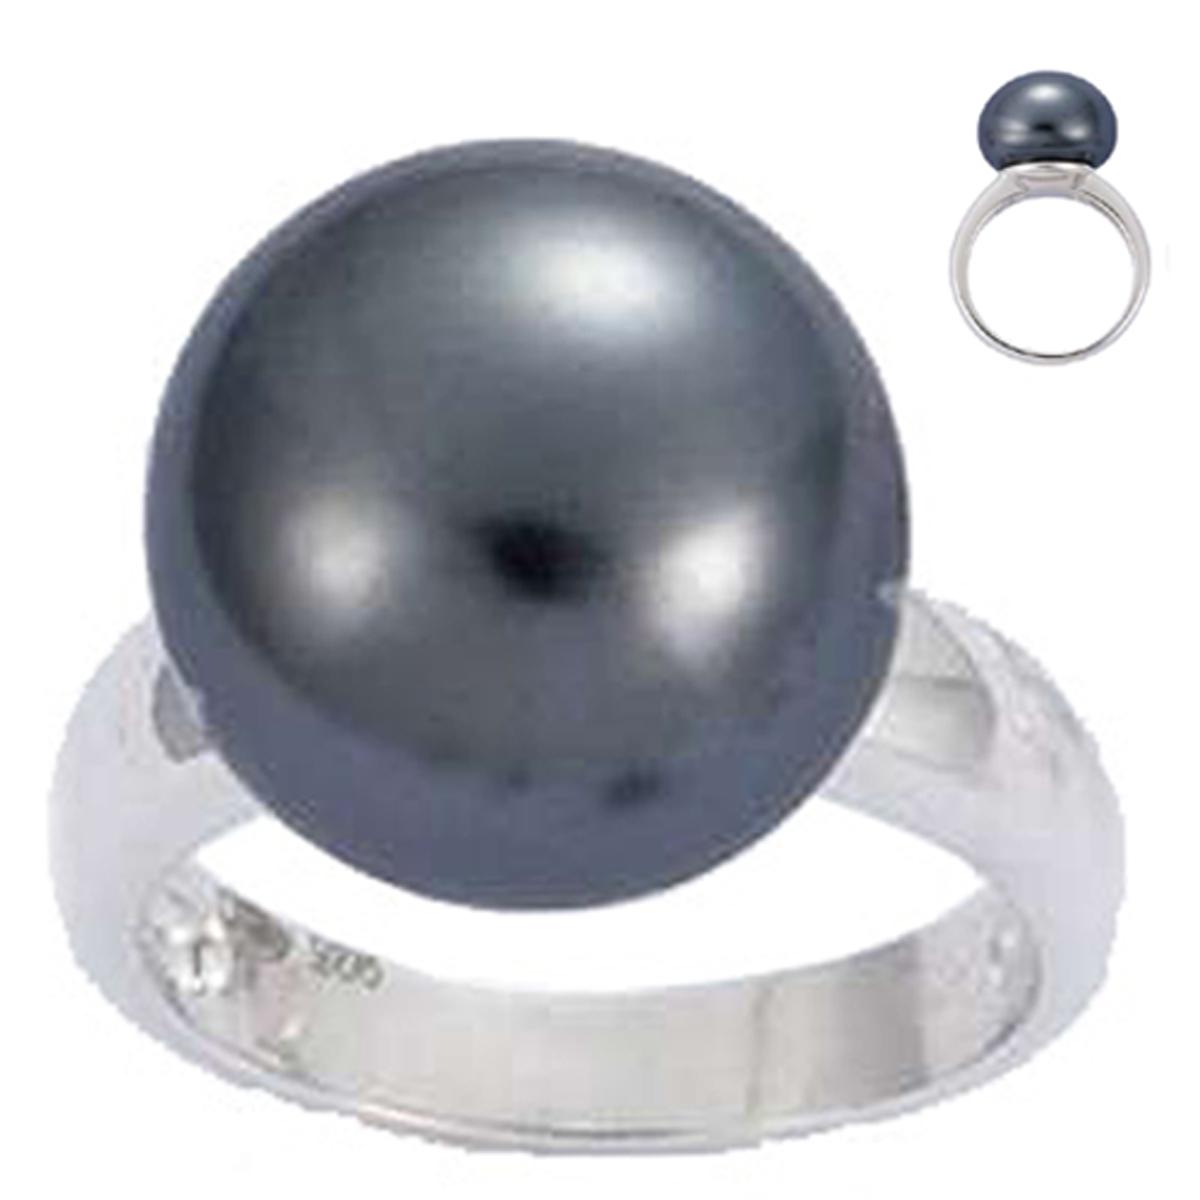 Bague Argent \'Perla\' gris argenté (rhodié) - 15 mm - [G8799]